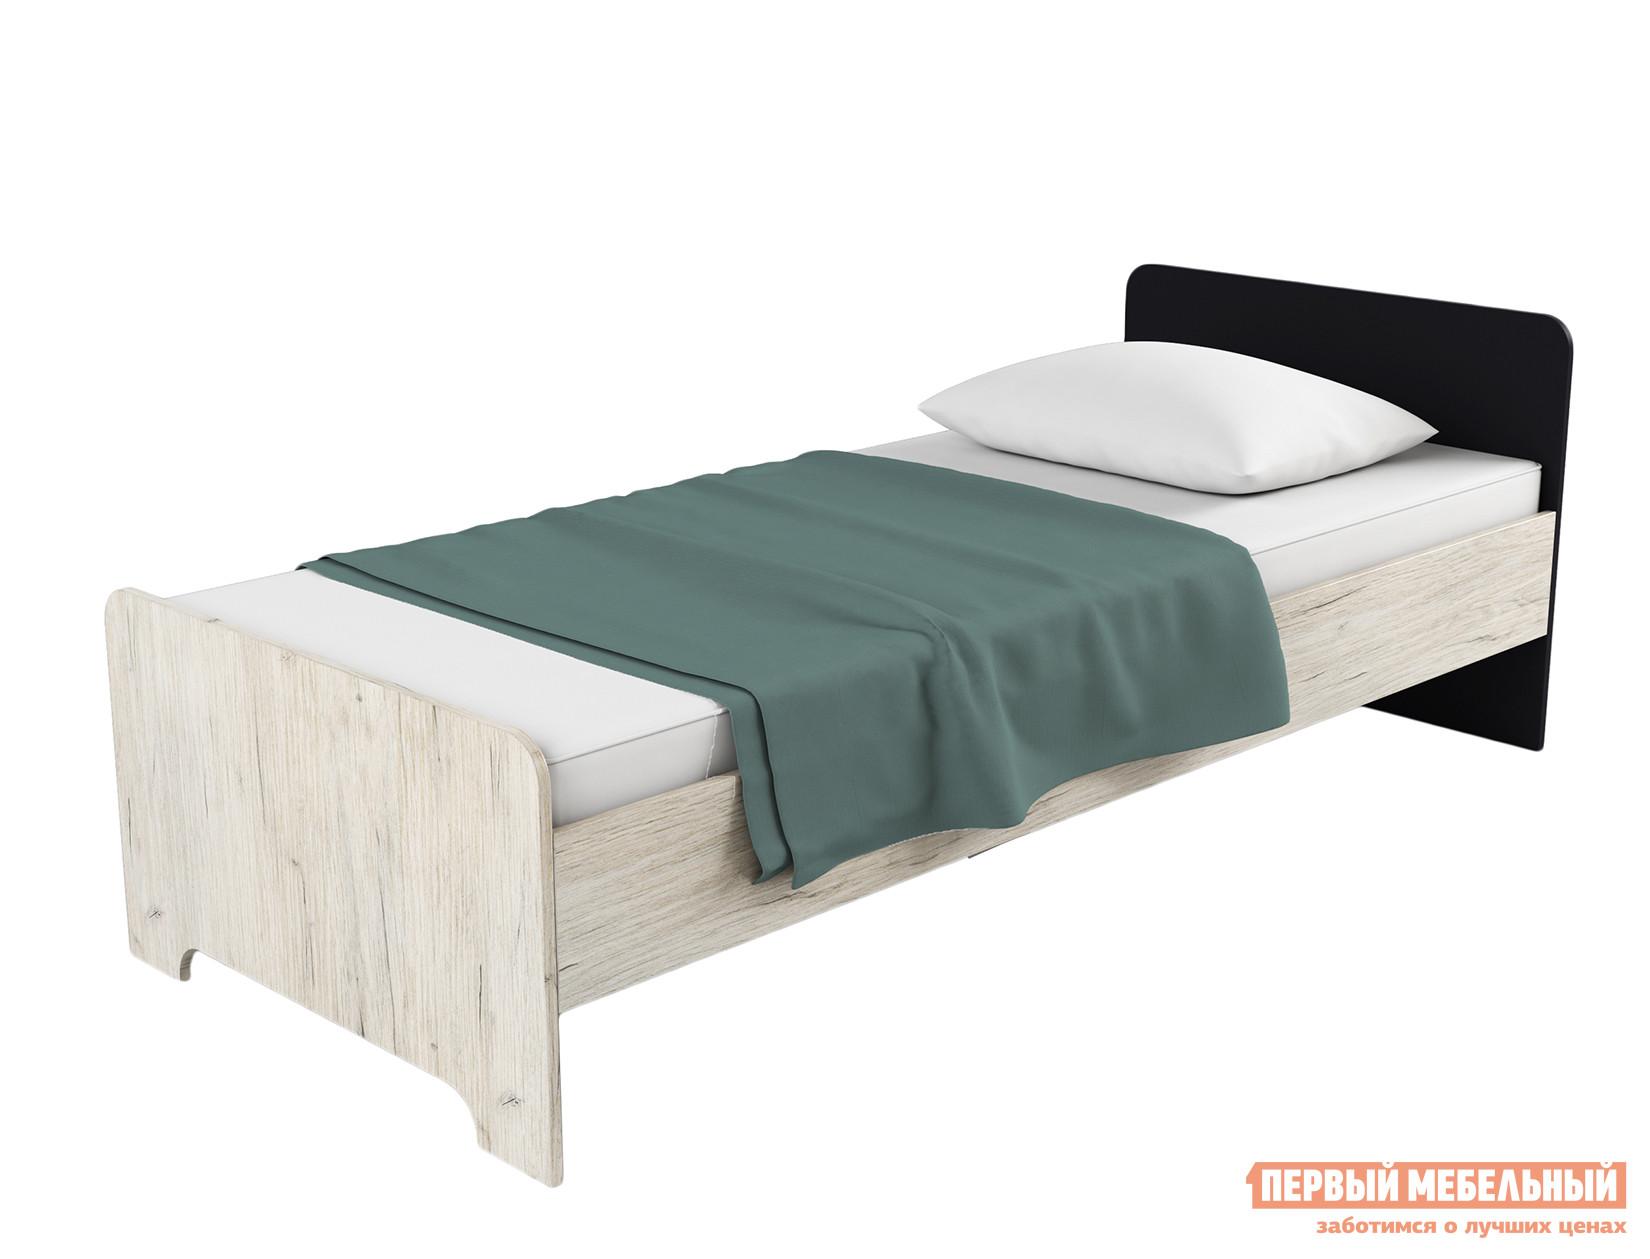 Купить односпальную кровать в спб без матраса выставка продажа матрасов